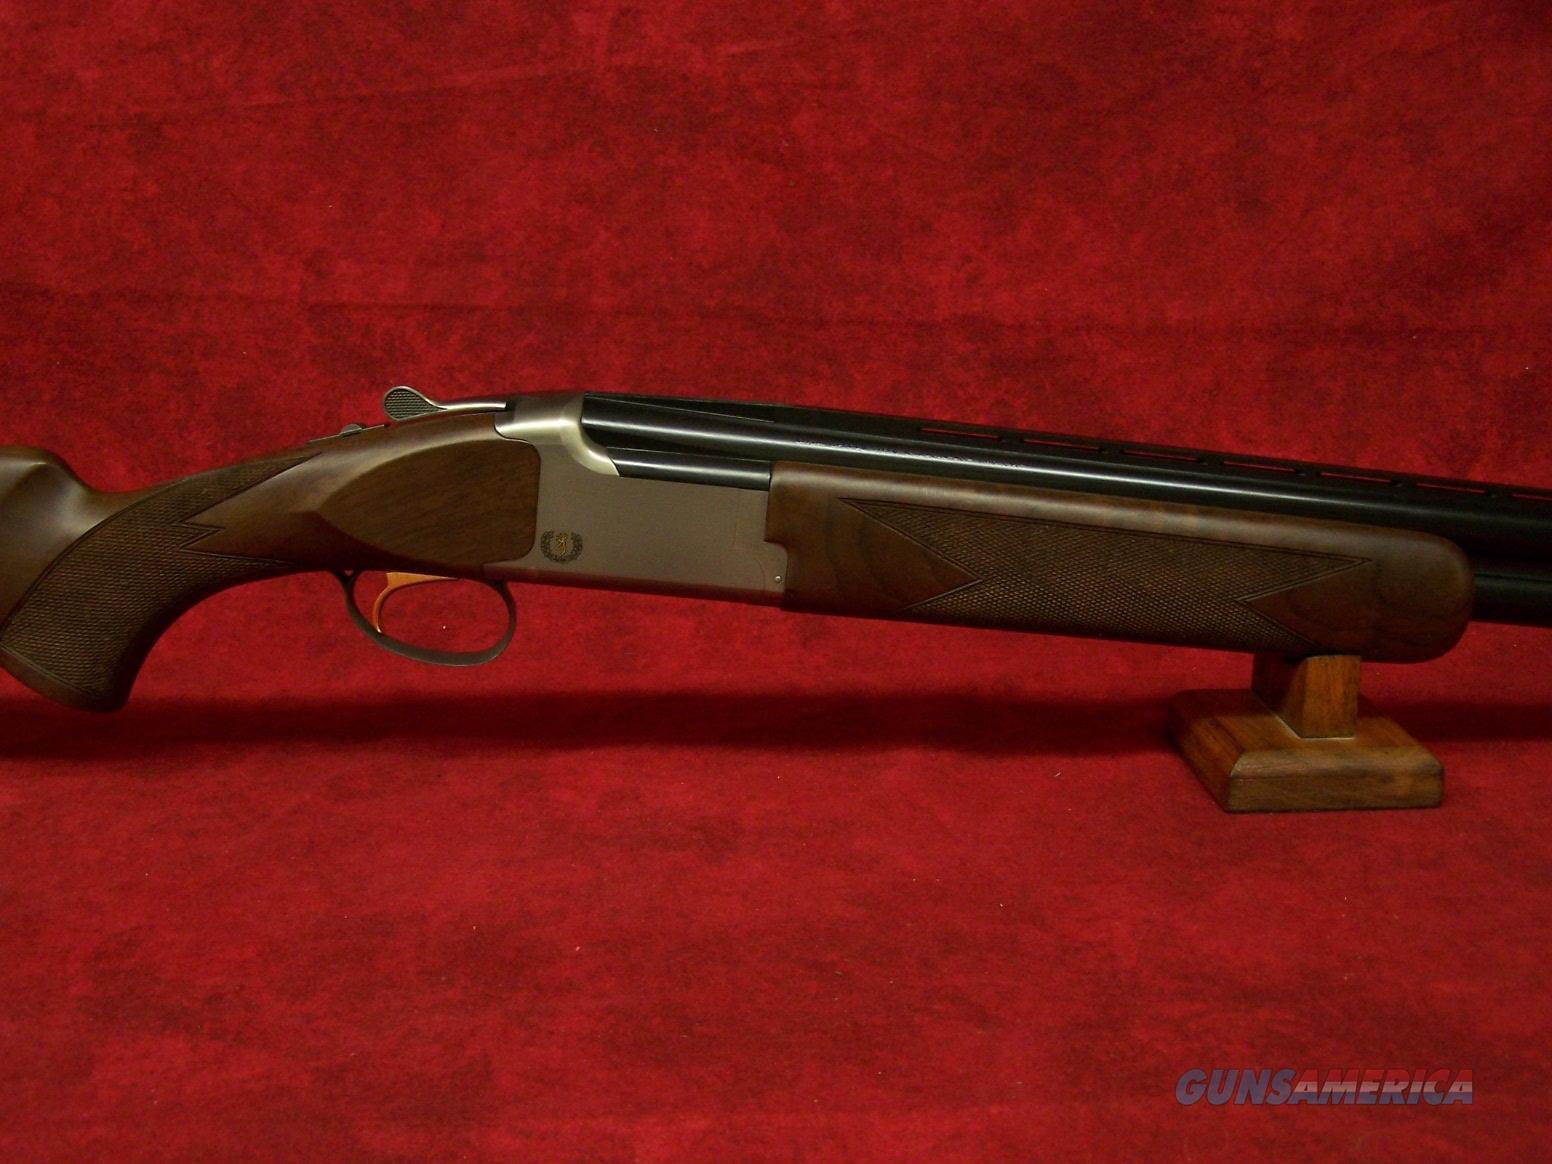 """BROWNING CITORI HUNTER 12GA 3.5"""" 28"""" WHITE SATIN (013440204)  Guns > Shotguns > Browning Shotguns > Over Unders > Citori > Hunting"""